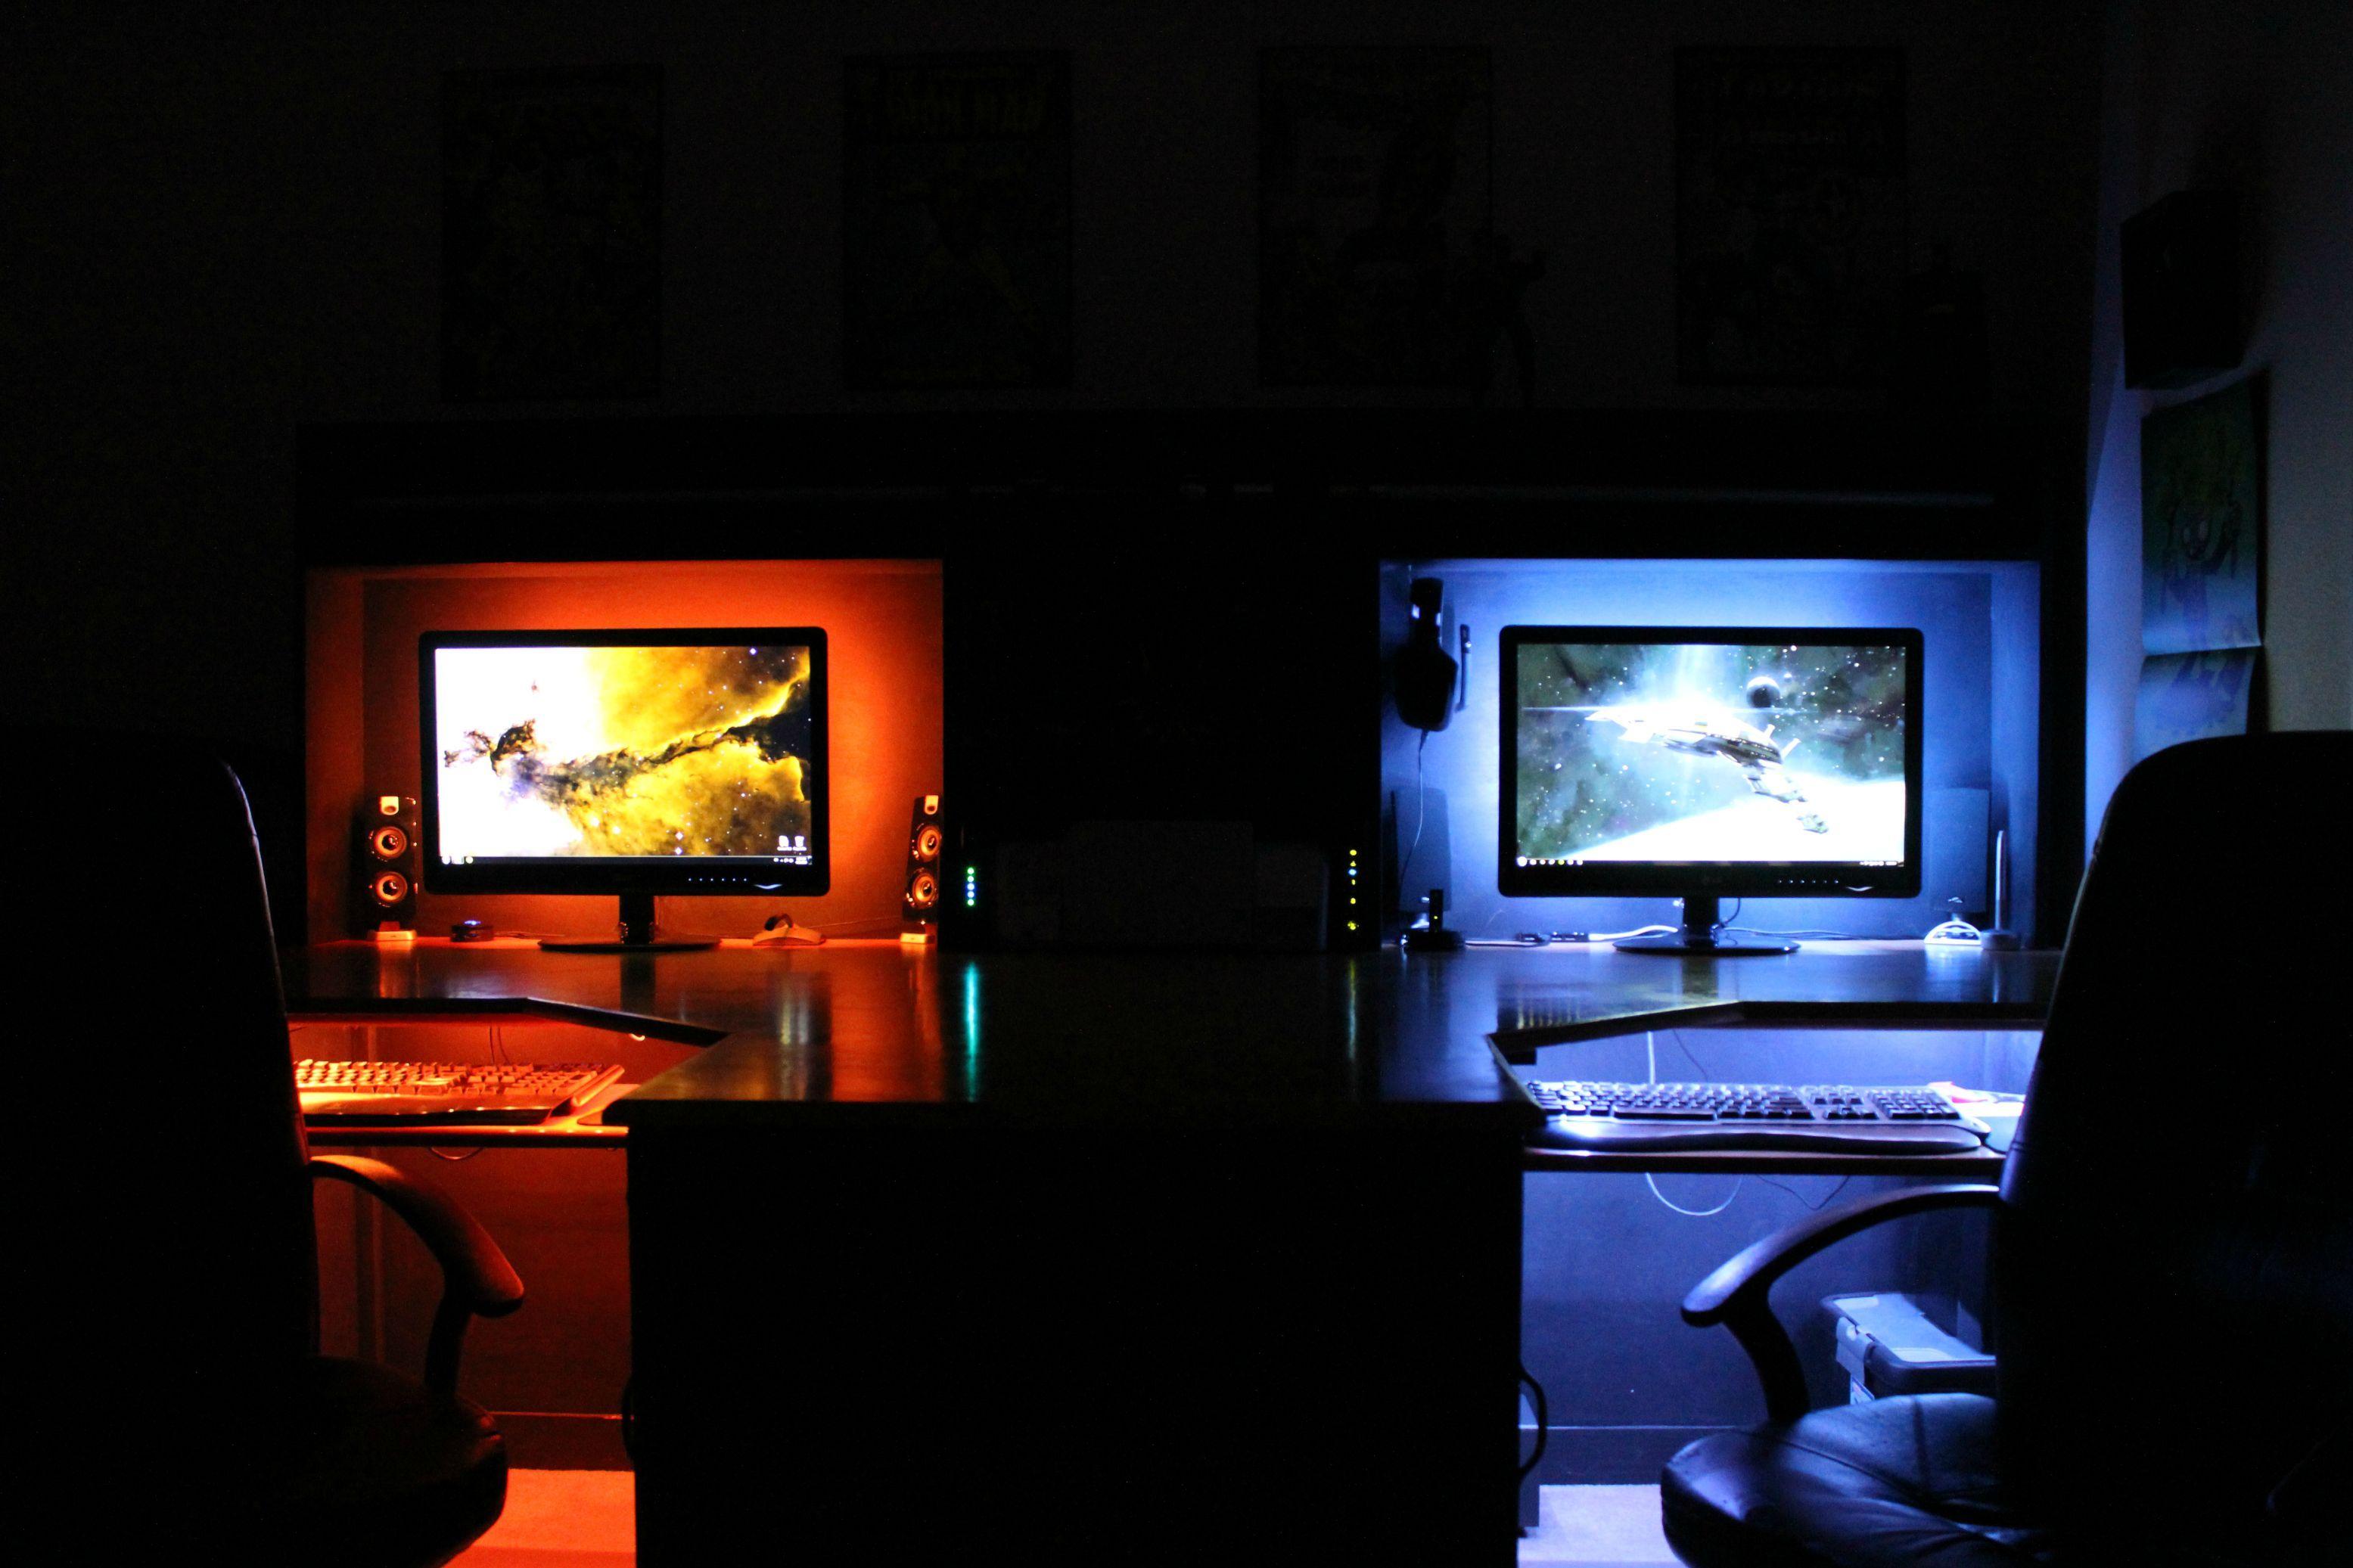 Two Man Battlestation Game Room Gaming Room Setup Gamer Room